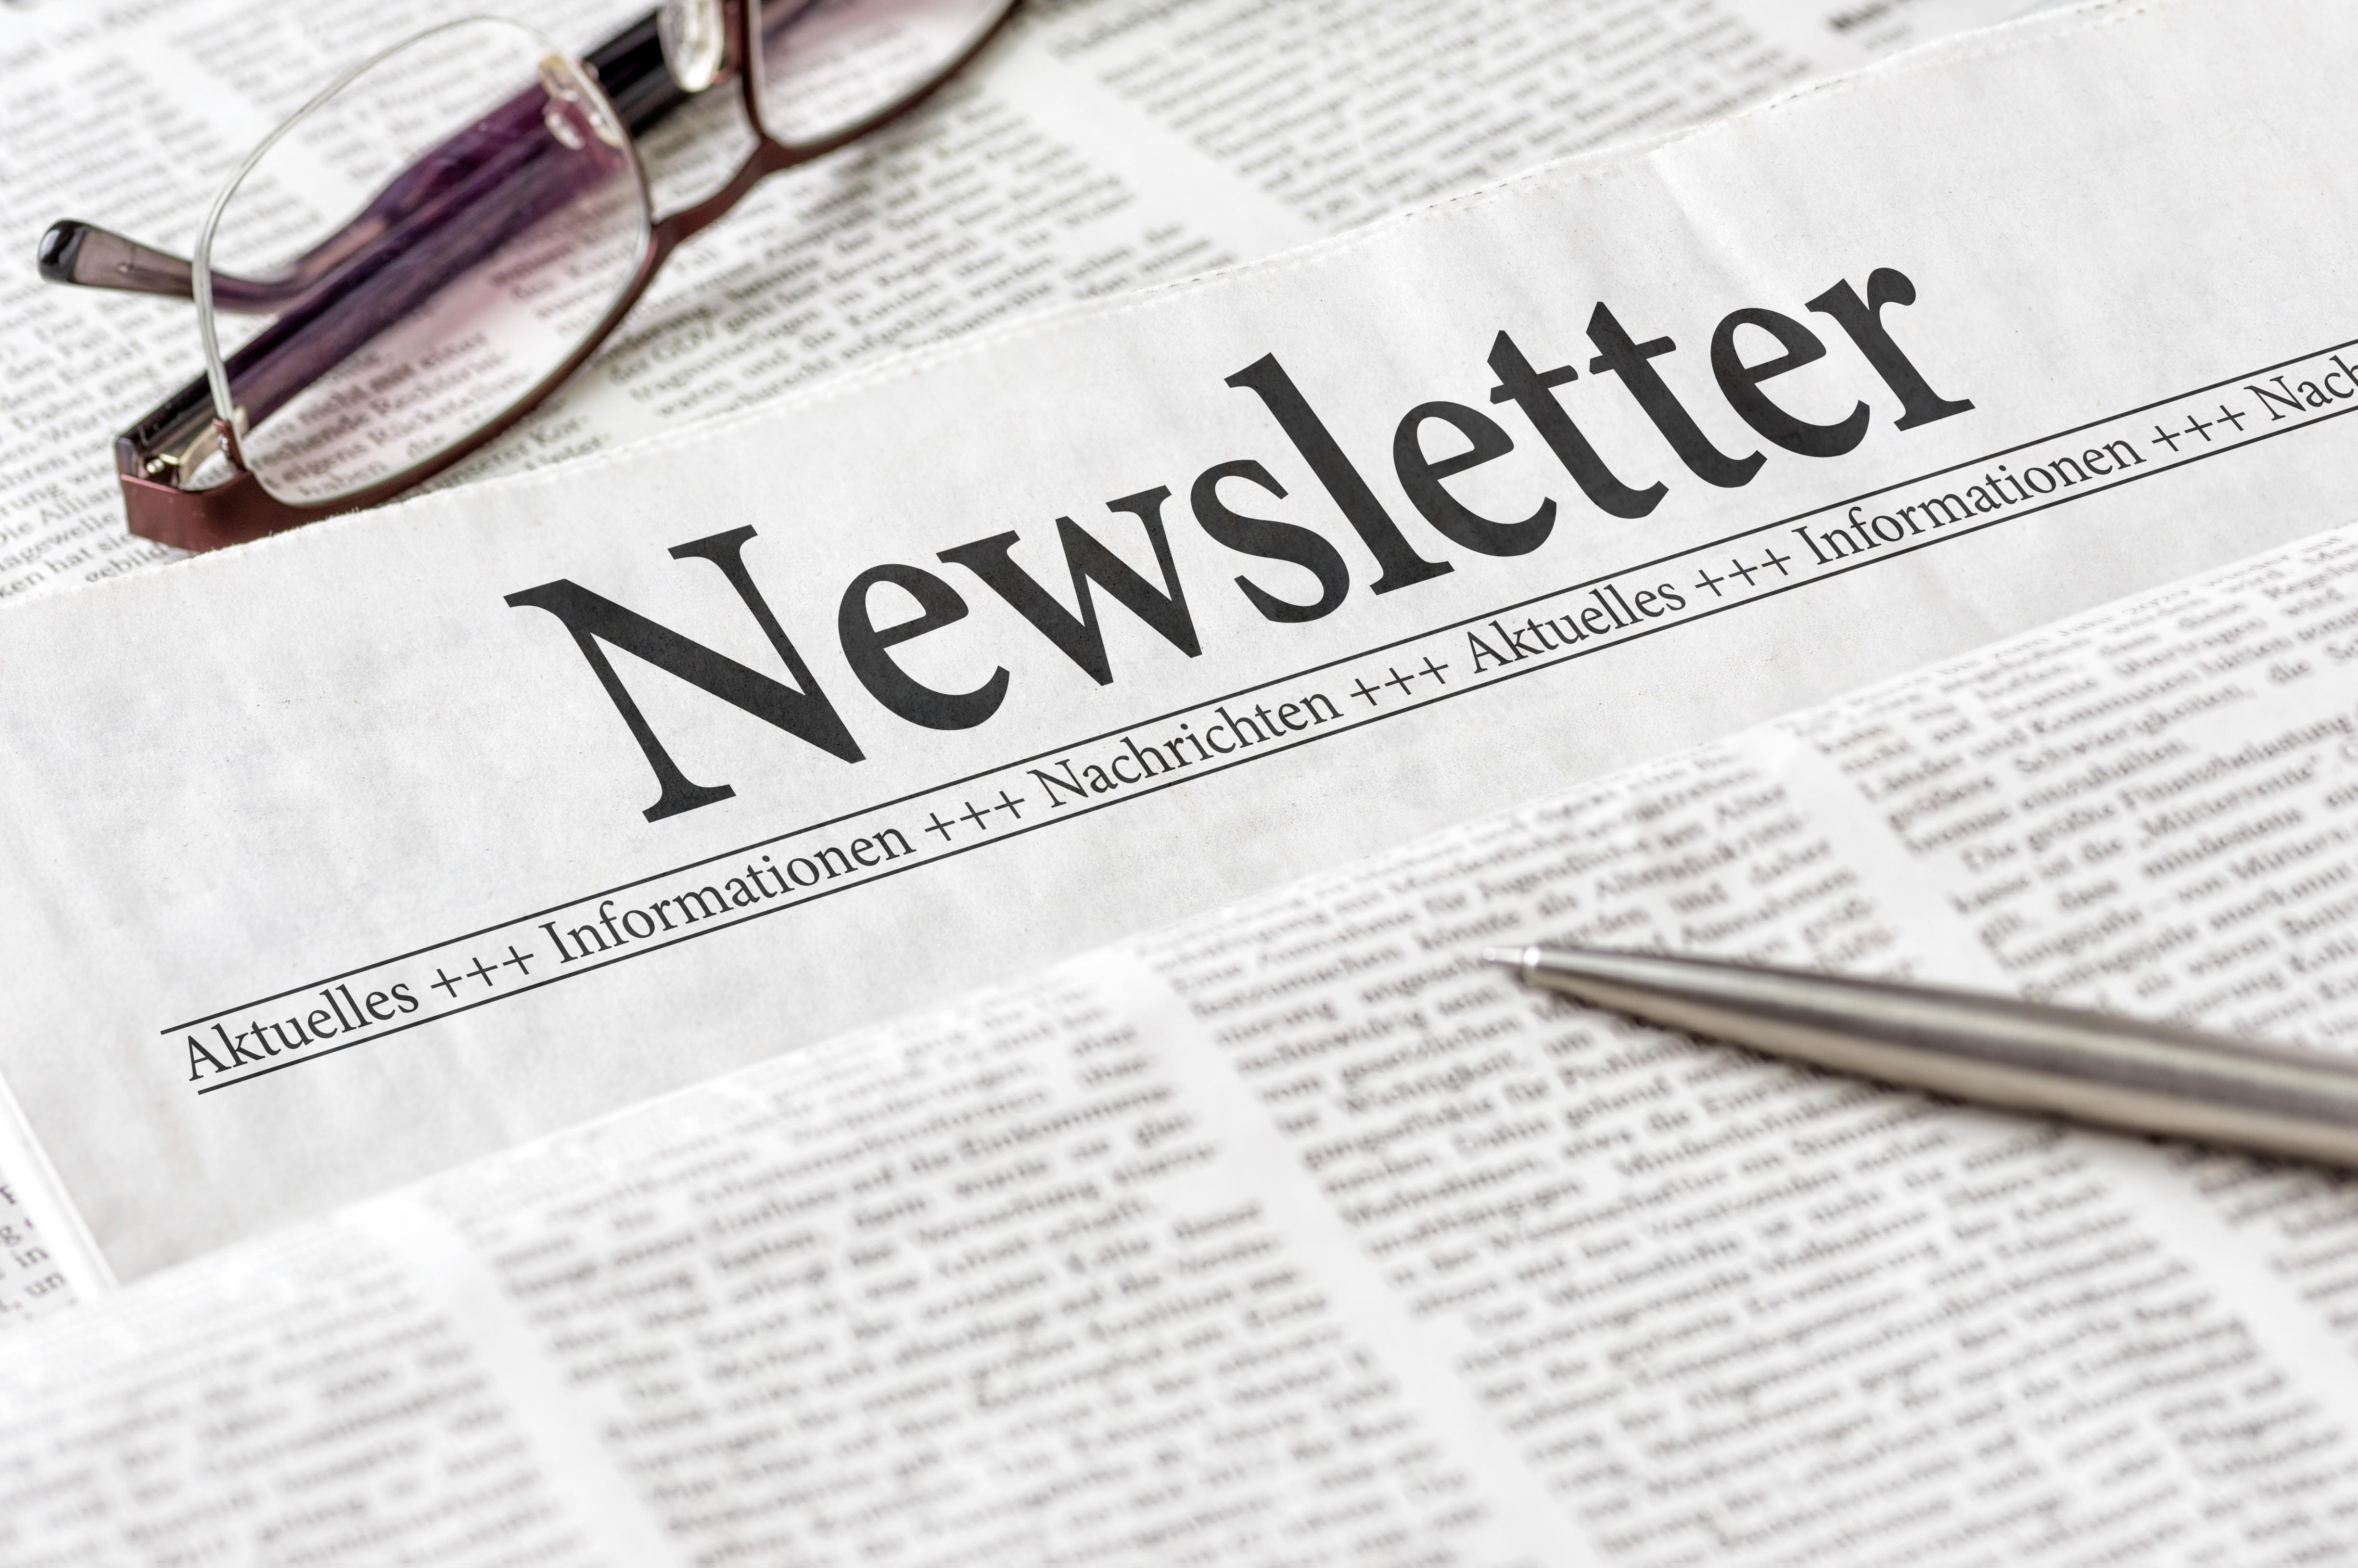 Zeitung mit der Überschrift Newsletter